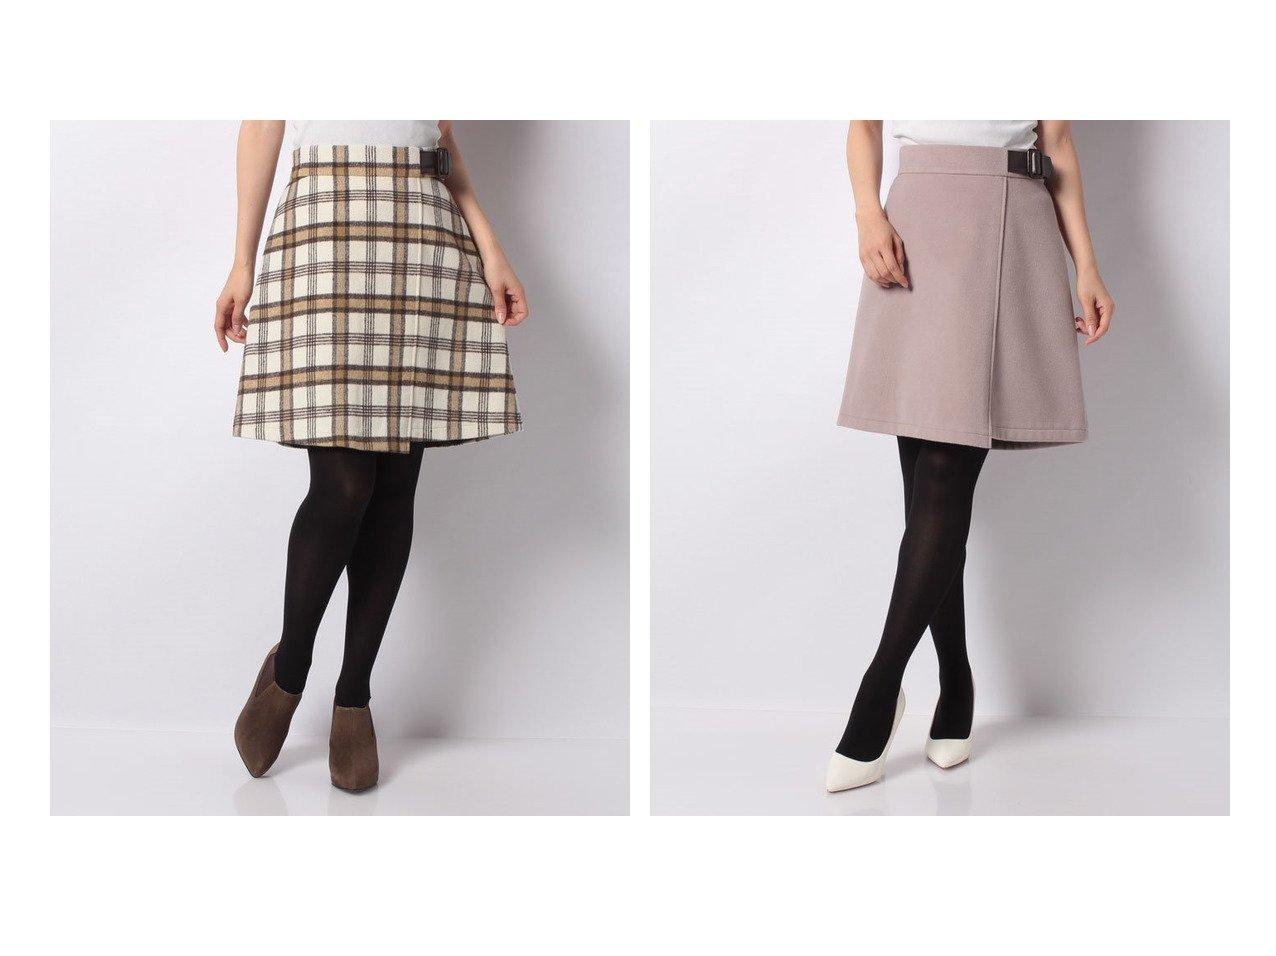 【31 Sons de mode/トランテアン ソン ドゥ モード】のサイド合皮ベルト付きミニスカート スカートのおすすめ!人気トレンド・レディースファッションの通販 おすすめで人気の流行・トレンド、ファッションの通販商品 メンズファッション・キッズファッション・インテリア・家具・レディースファッション・服の通販 founy(ファニー) https://founy.com/ ファッション Fashion レディースファッション WOMEN スカート Skirt ミニスカート Mini Skirts Aライン/フレアスカート Flared A-Line Skirts ベルト Belts クール フェイクレザー ミニスカート ラップ ロング  ID:crp329100000008530